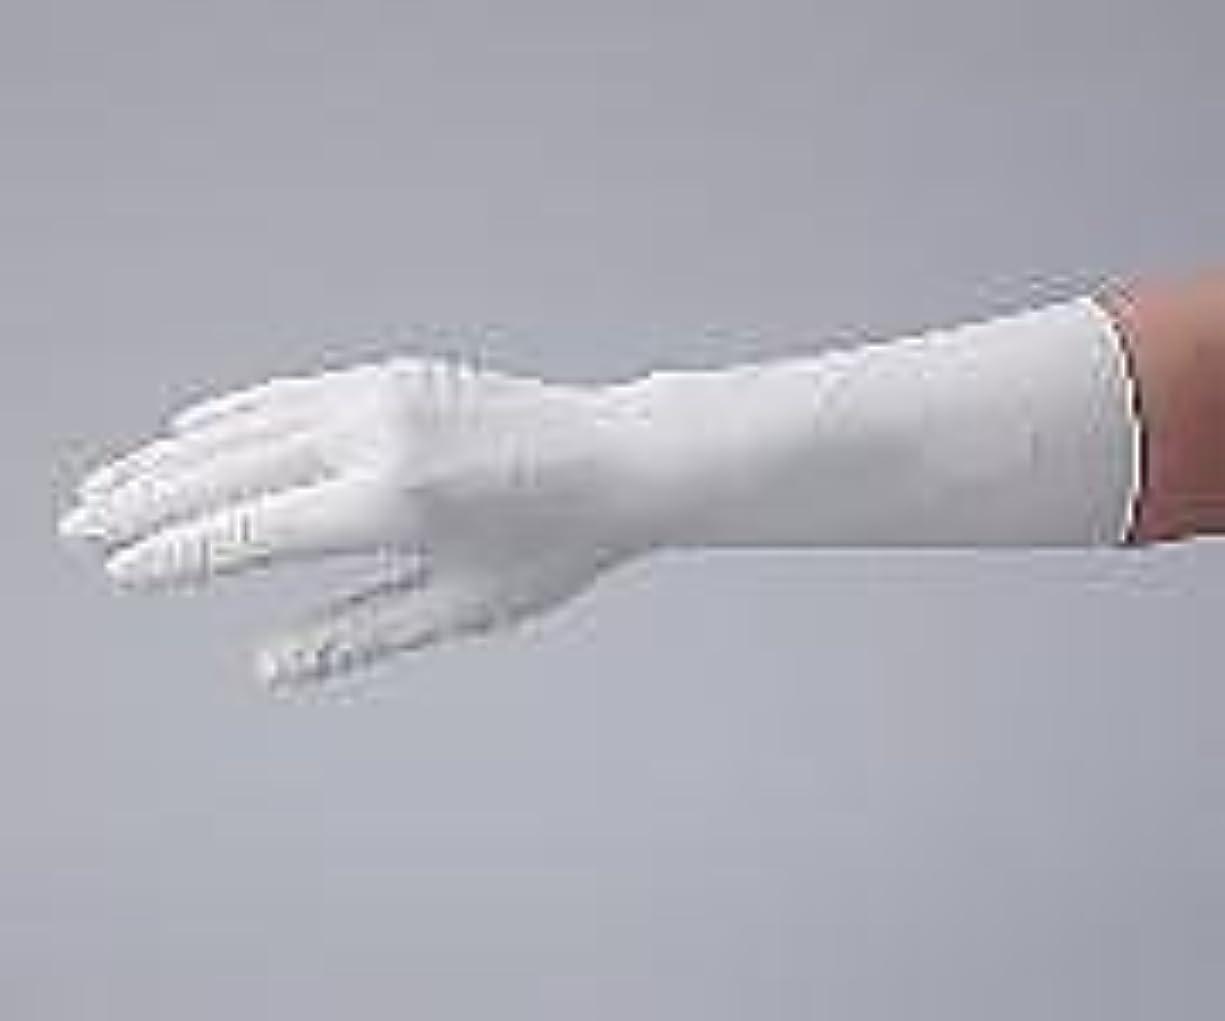 フラップ工場セイはさておきアズピュア(アズワン)1-2324-53アズピュアクリーンファーストニトリル手袋(ペアタイプ)クリーンパックM左右各50枚×10袋入